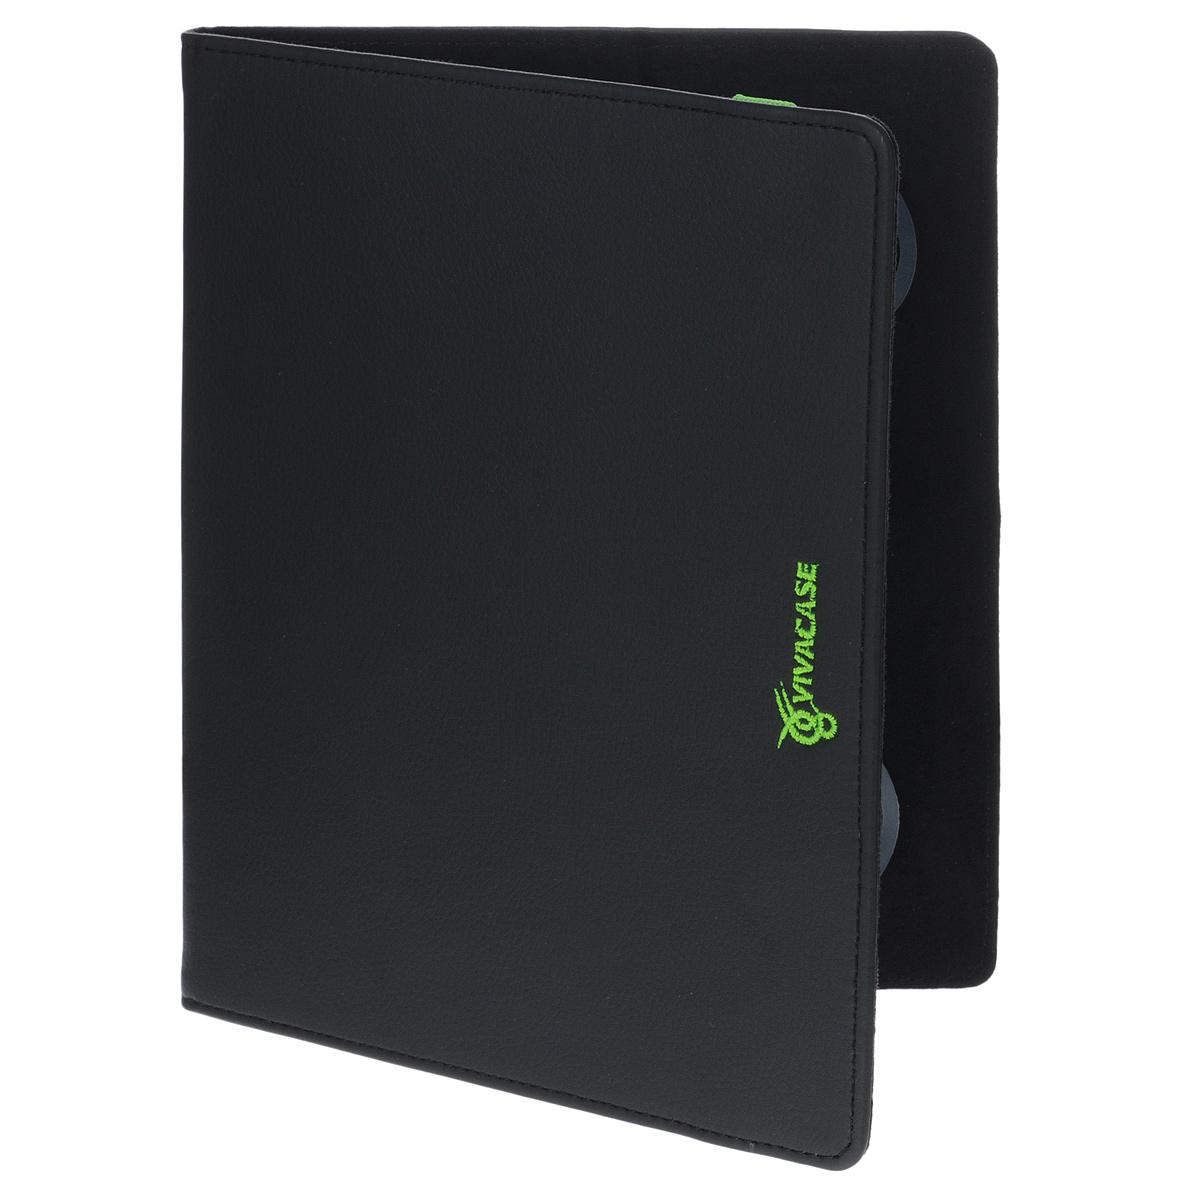 Vivacase Neon универсальный чехол-обложка для планшетов 9, Black Green (VUC-CN009-bg)VUC-CN009-bgУниверсальный чехол Vivacase с резиновым креплением, который подходит для любых популярных планшетов и электронных книг с диагональю дисплея в 9 дюймов. Он изготовлен из качественной ПУ-кожи, которой обтянут прочный каркас, защищающий устройство во время падений. Внутренняя часть отделана мягкой подкладкой, которая не оставляет никаких следов на корпусе и дисплее.Каркас из тонкой и мягкой резины позволяет прочно и надежно закрепить устройство подходящего размера. Для того чтобы установить устройство в альбомной ориентации, удобной для просмотра видео или чтения, чехол имеет подвижную площадку и два углубления, которые позволяют зафиксировать планшет под двумя разными углами.